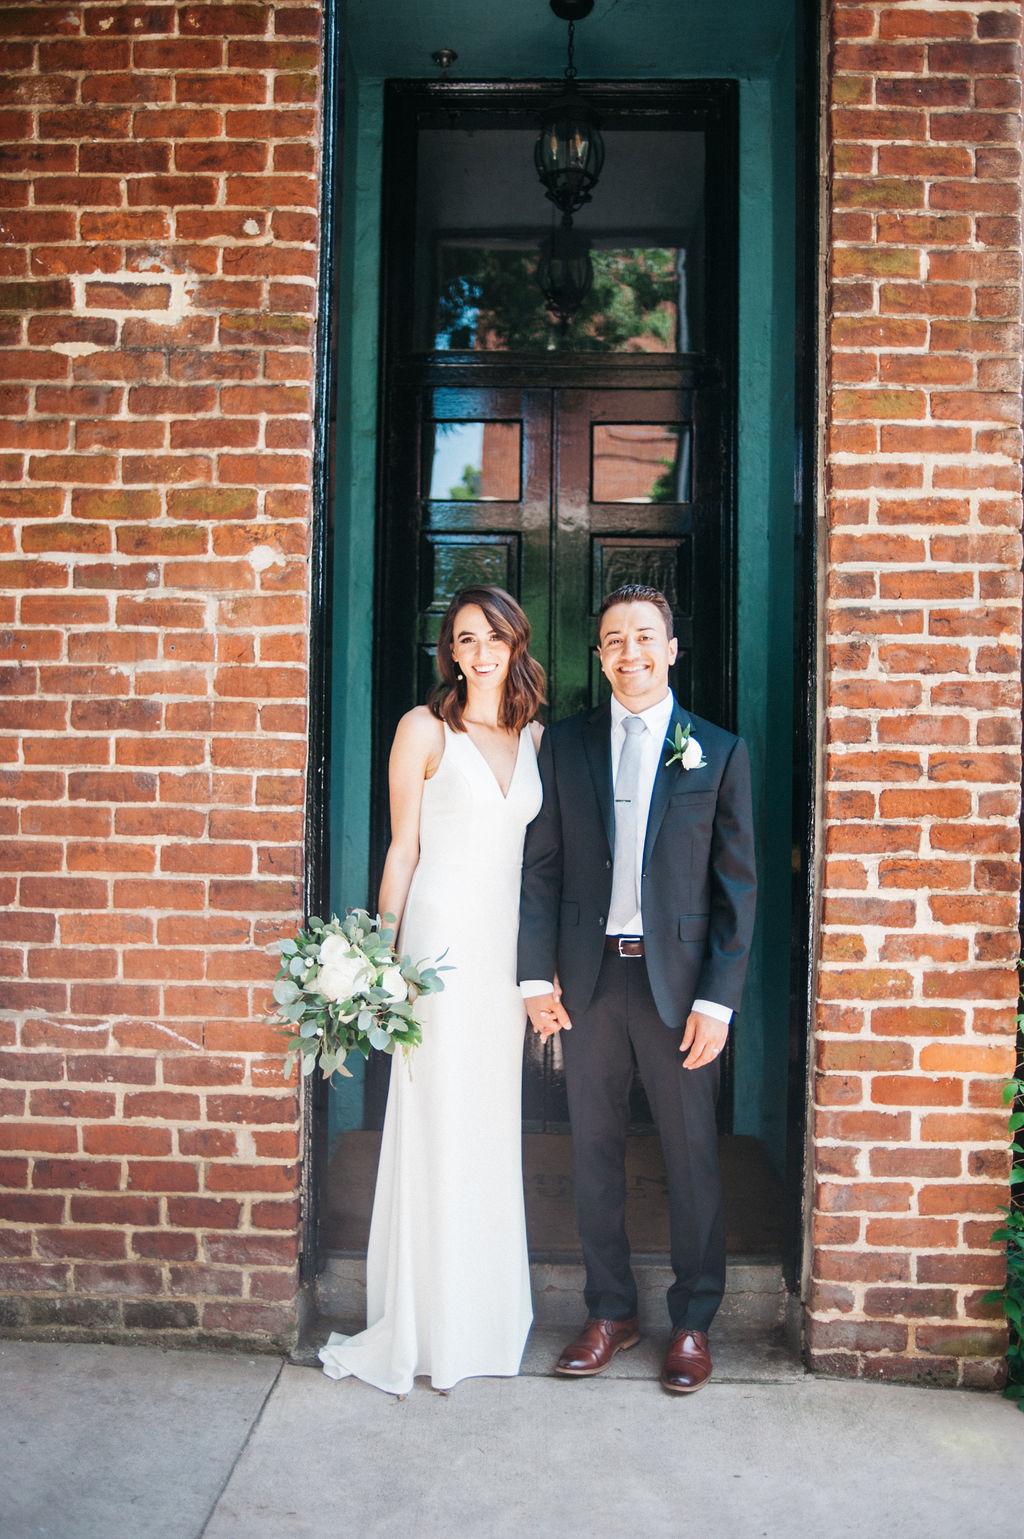 CharlottesvilleWeddingPhotographerSarahHouston768-293.jpg